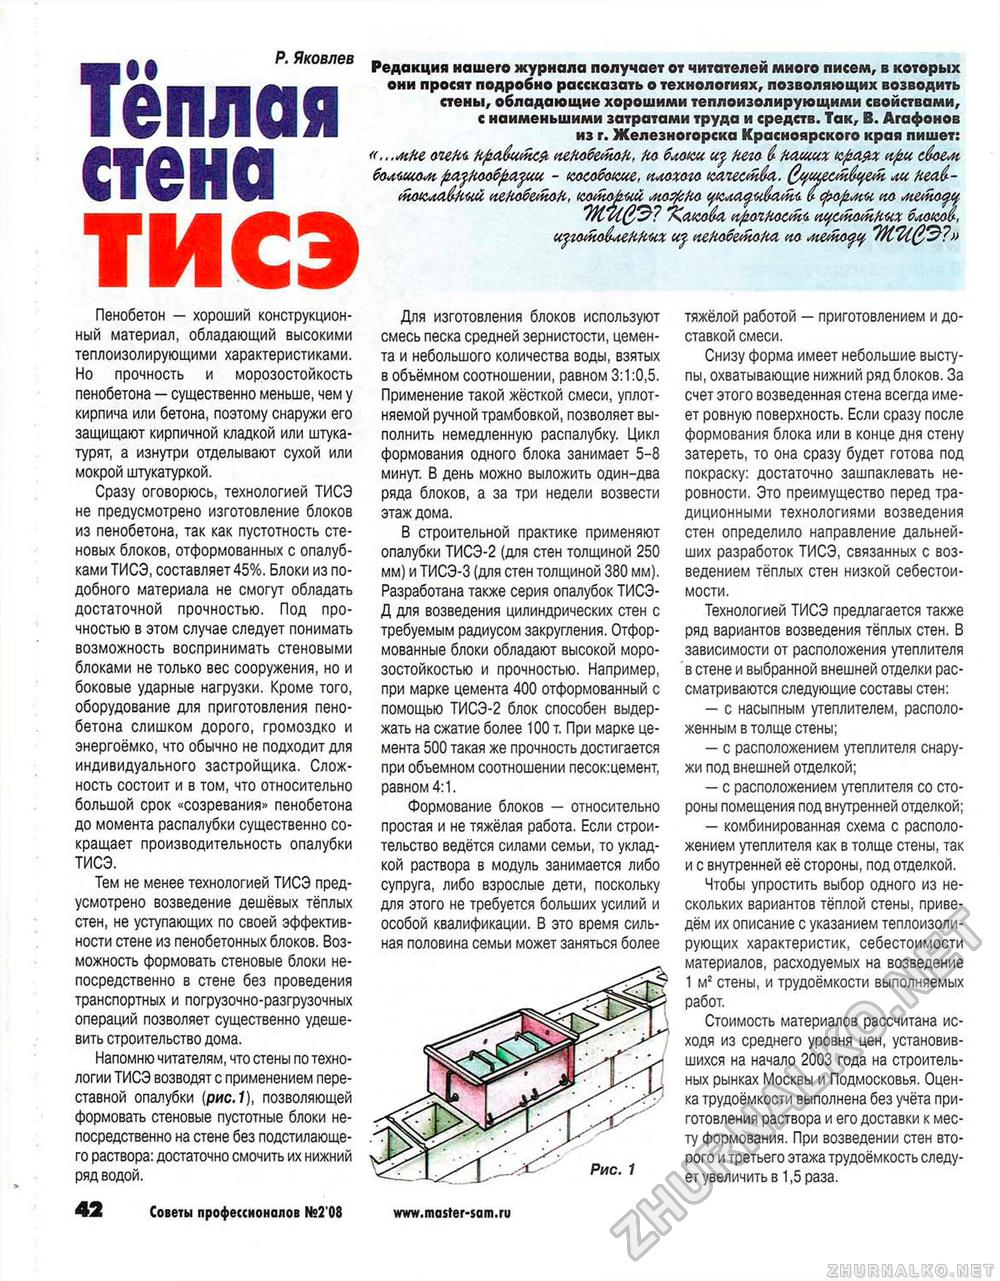 Советы профессионалов 2008 02 страница 42